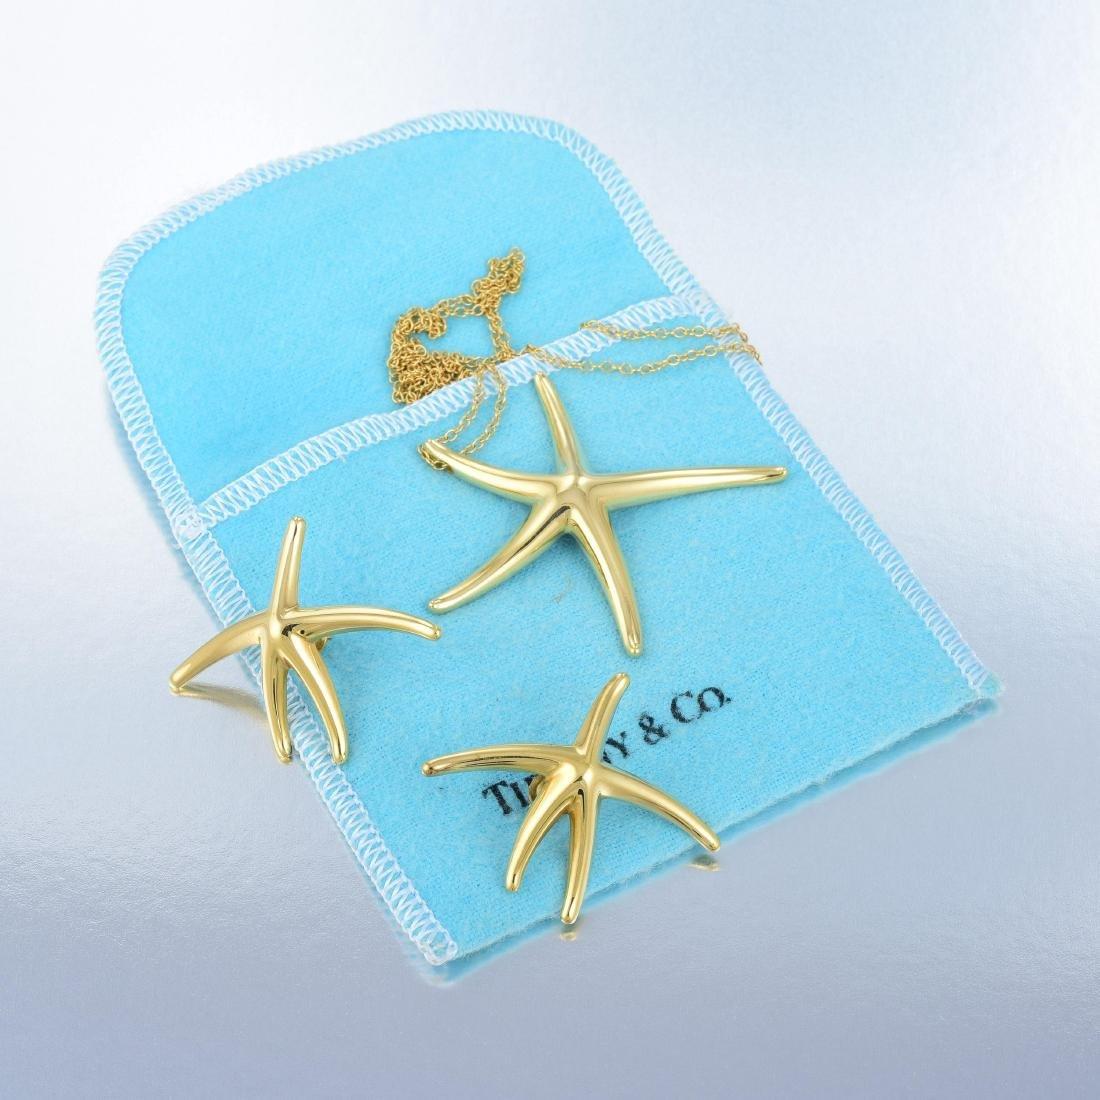 Tiffany & Co. Elsa Peretti Starfish Pendant Necklace - 8